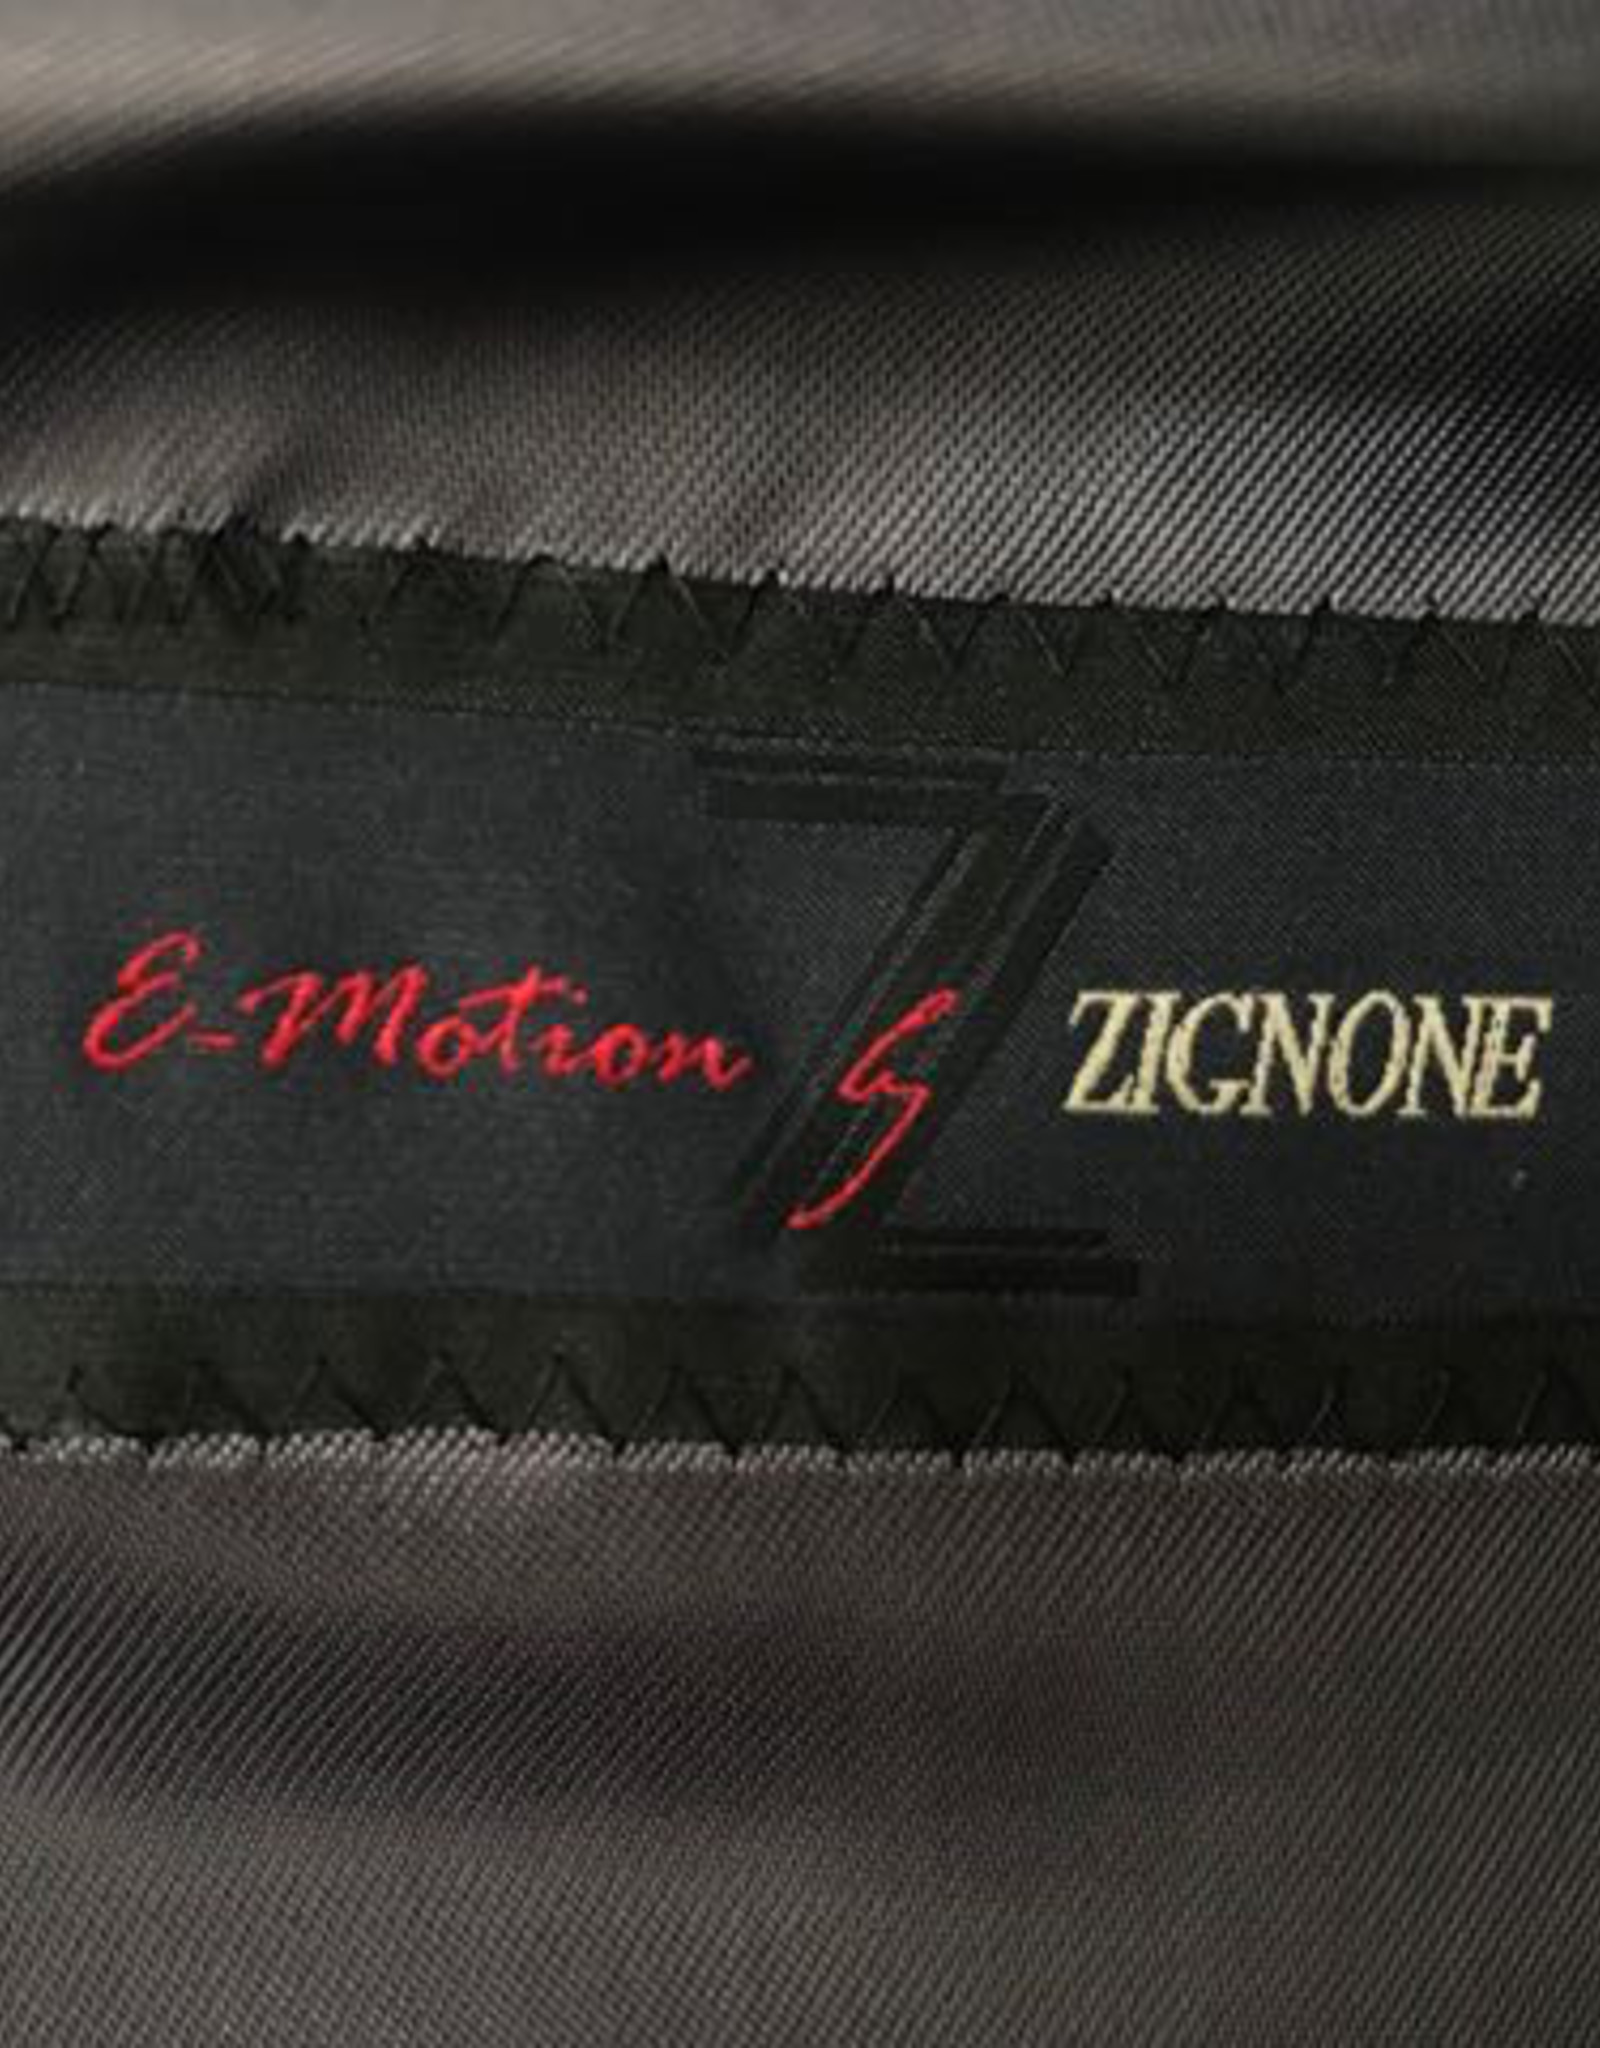 Bäumler Bäumler Sakko BK, Zignone E-Motion, karo